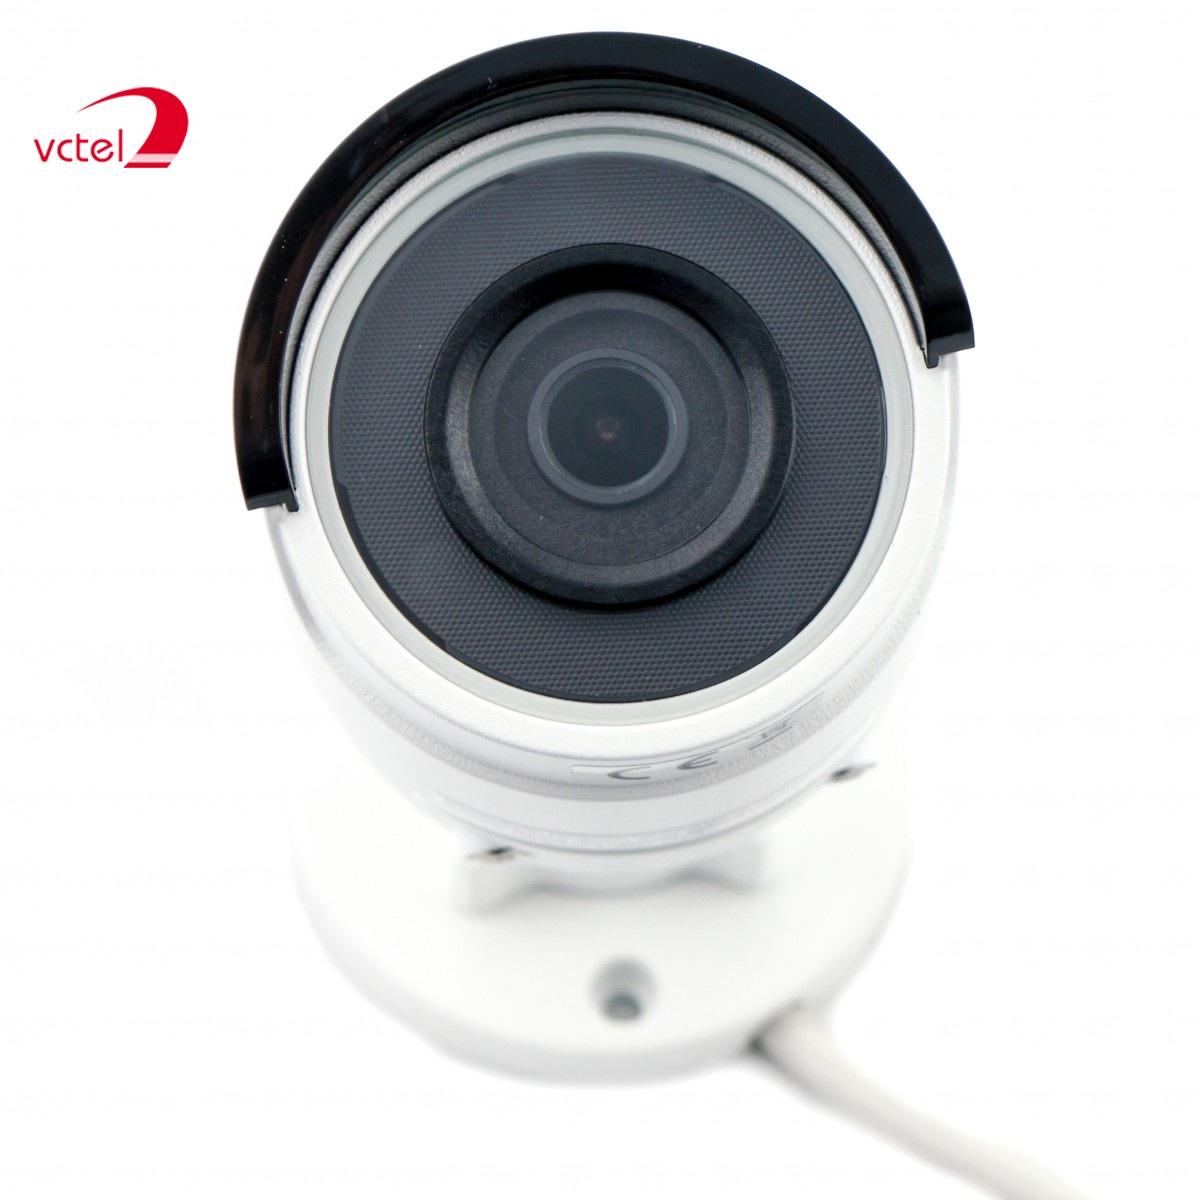 Camera IP Hikvision DS-2CD2035FWD-I bảo hành 12 tháng vctel